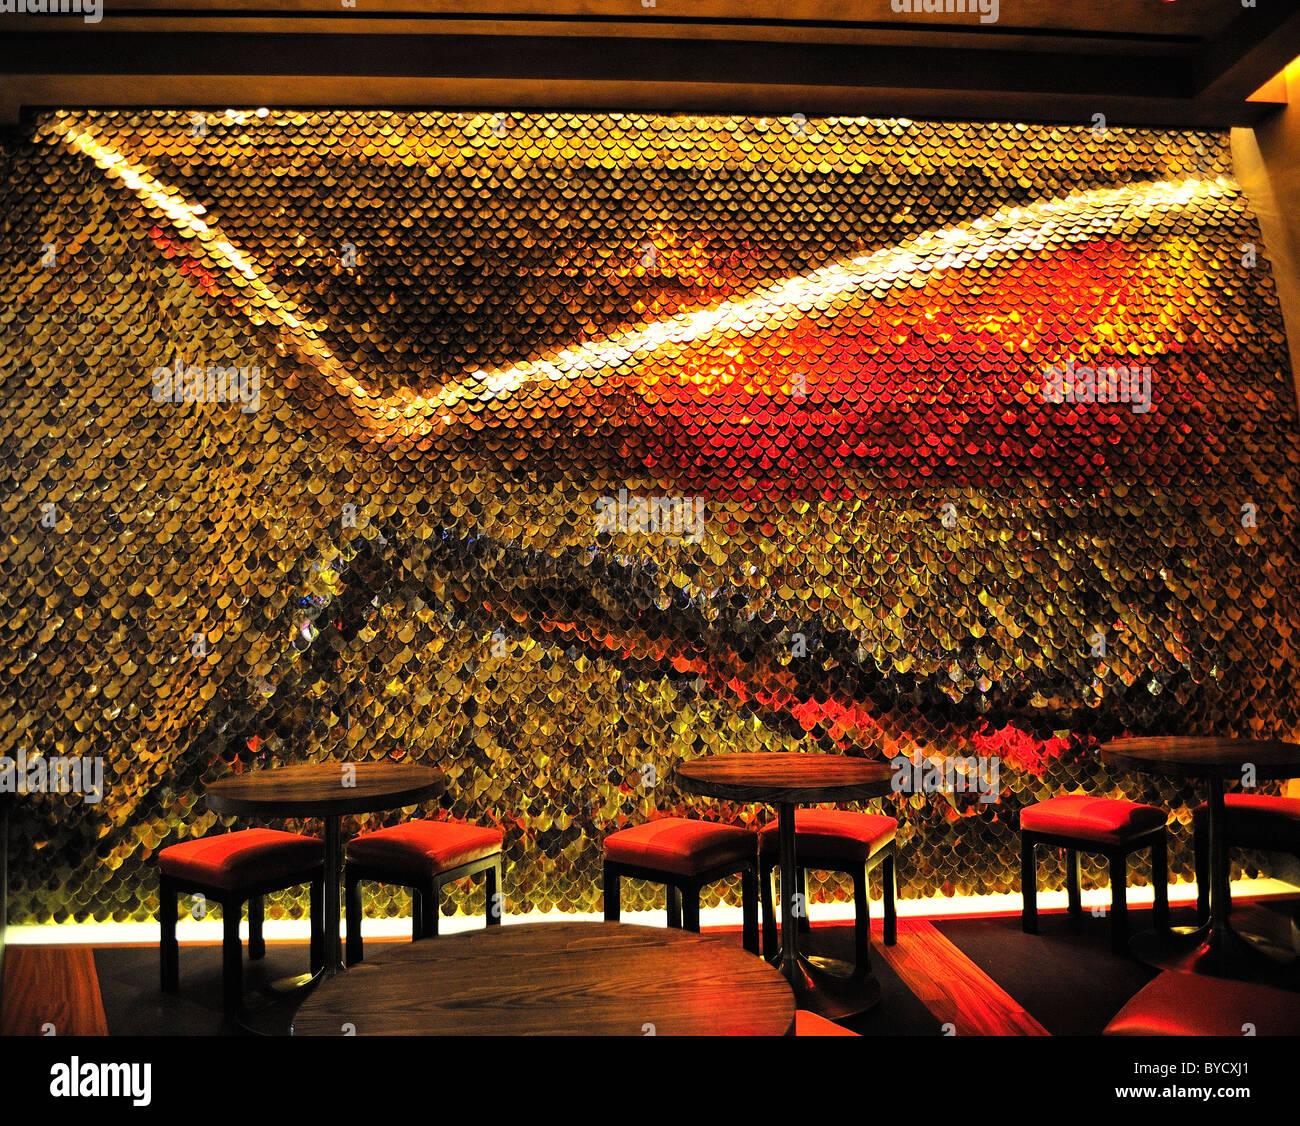 Yellowtail Japanische Restaurant Und Lounge Im Bellagio Hotel In Las